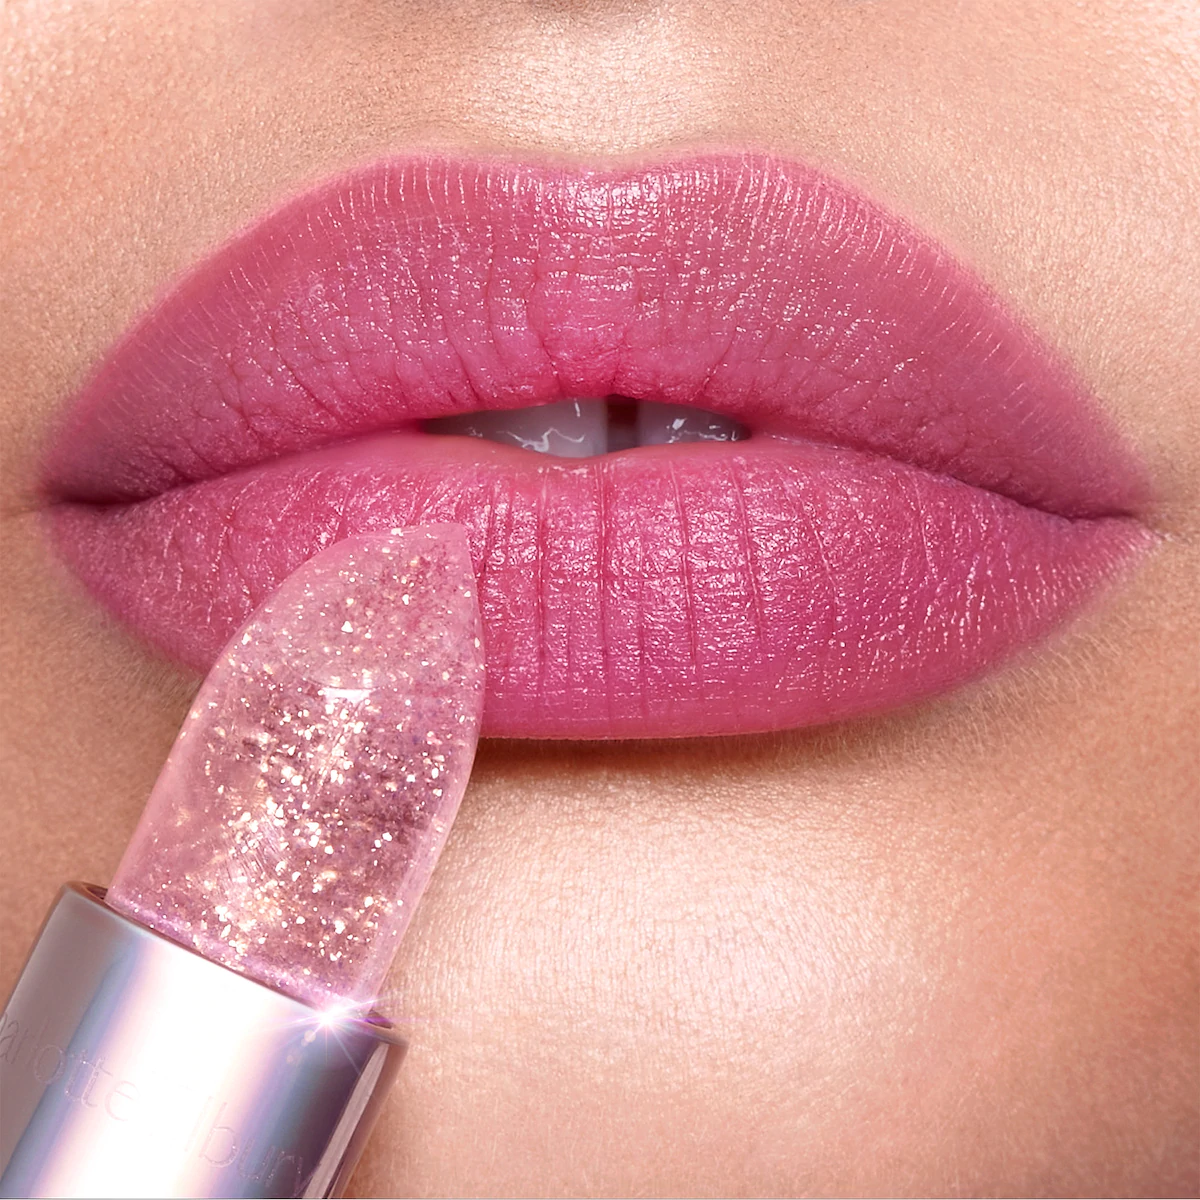 Charlotte Tilbury Glowgasm Lip Balm